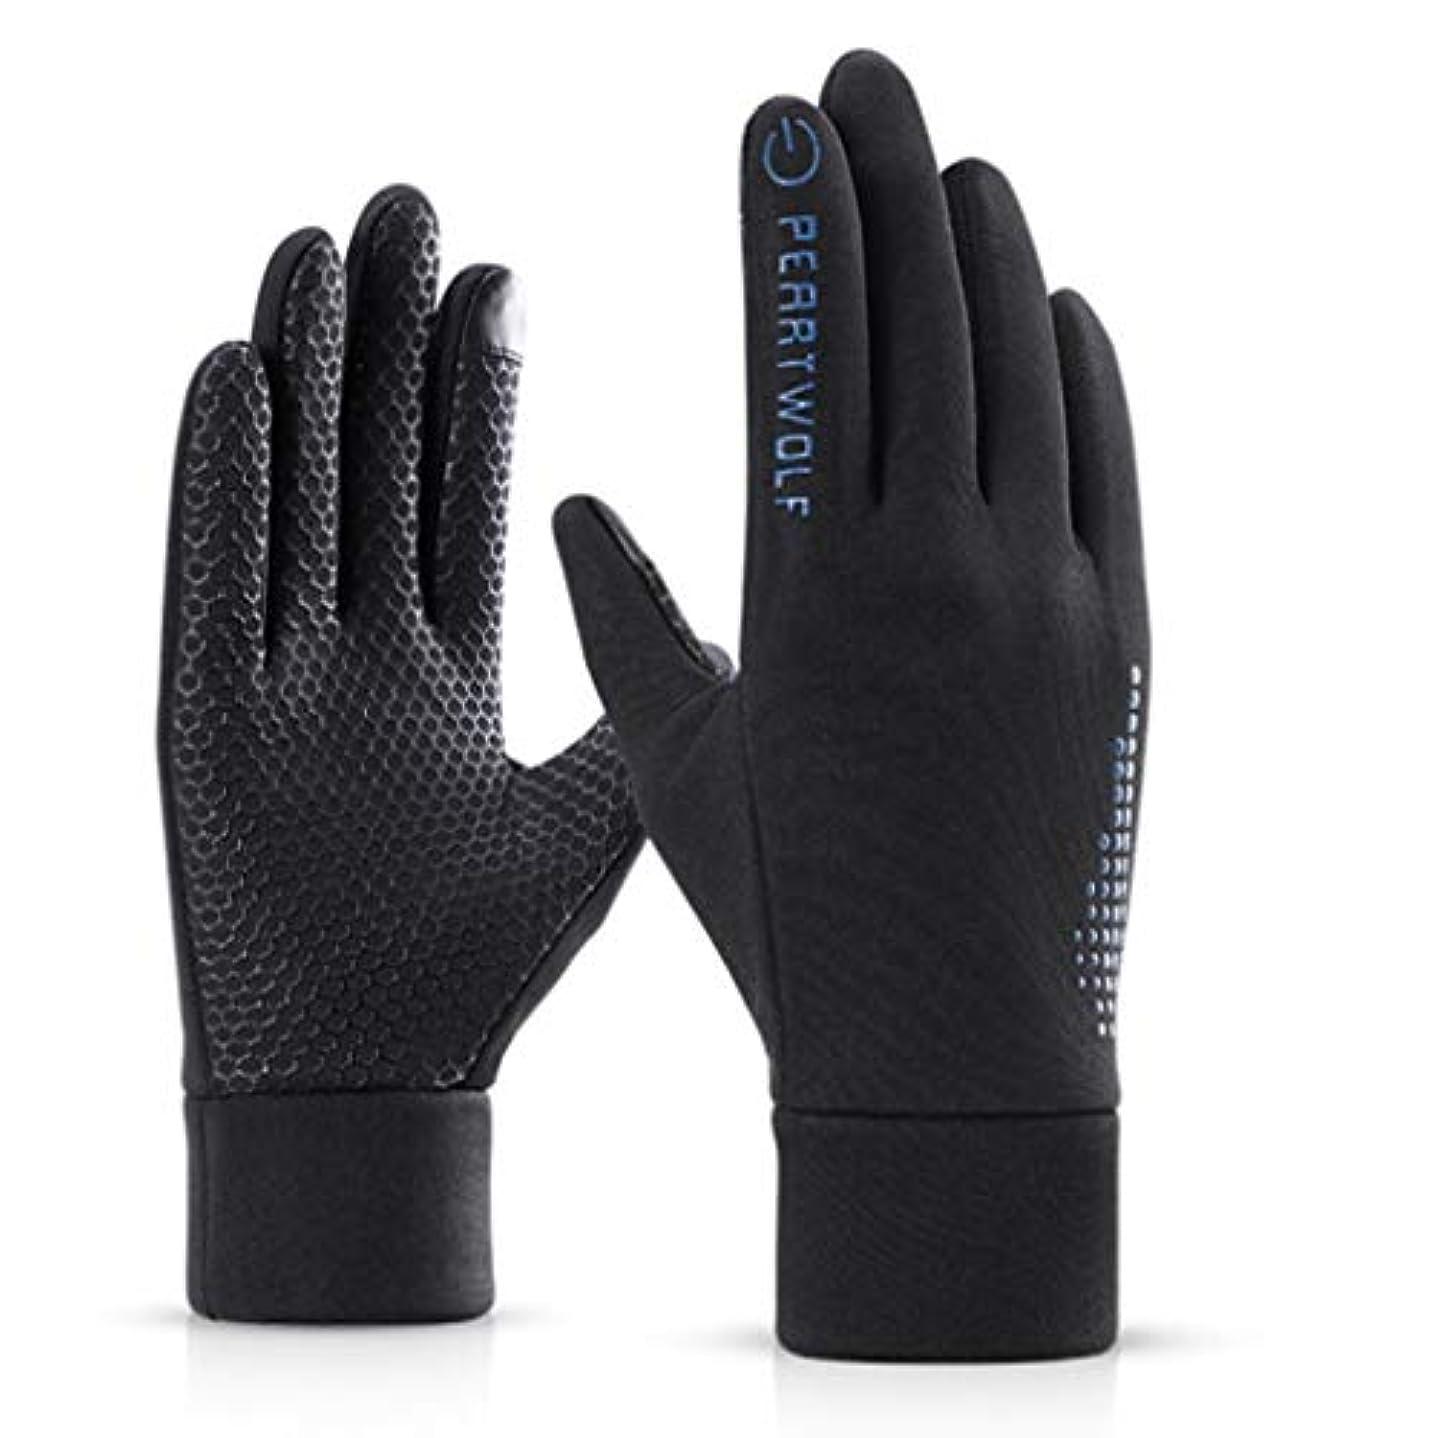 土地フルート親指手袋男性の冬のライディングプラスベルベット暖かい防風冷たい韓国人の学生のタッチスクリーンスポーツメンズ手袋